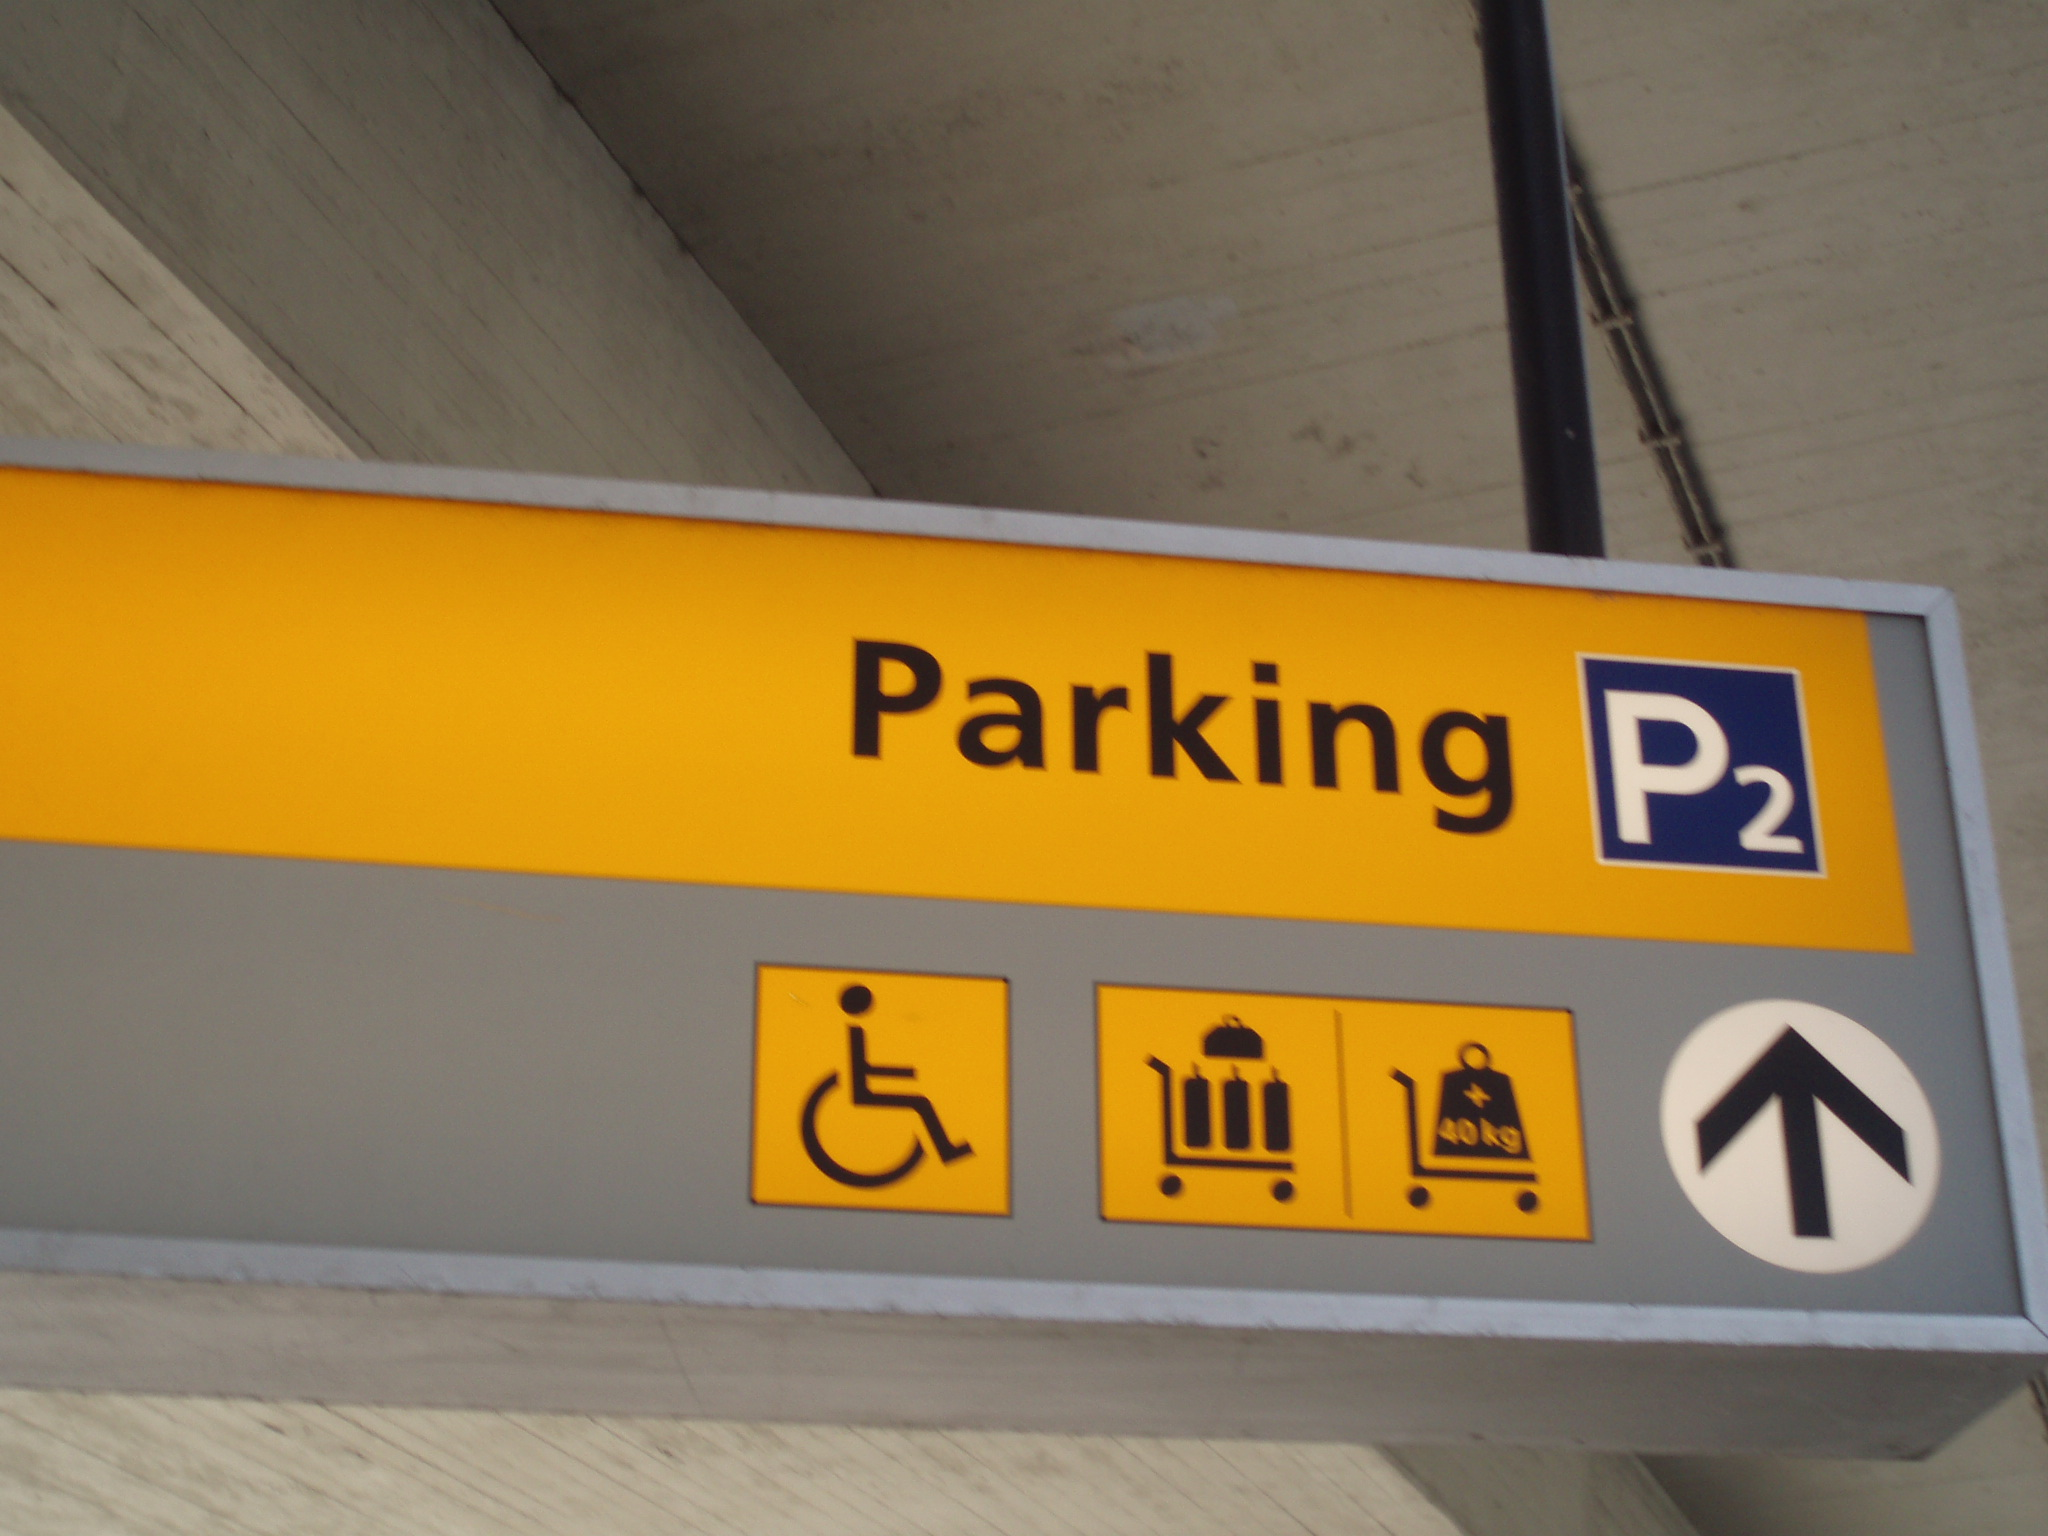 schiphol parkeren p2